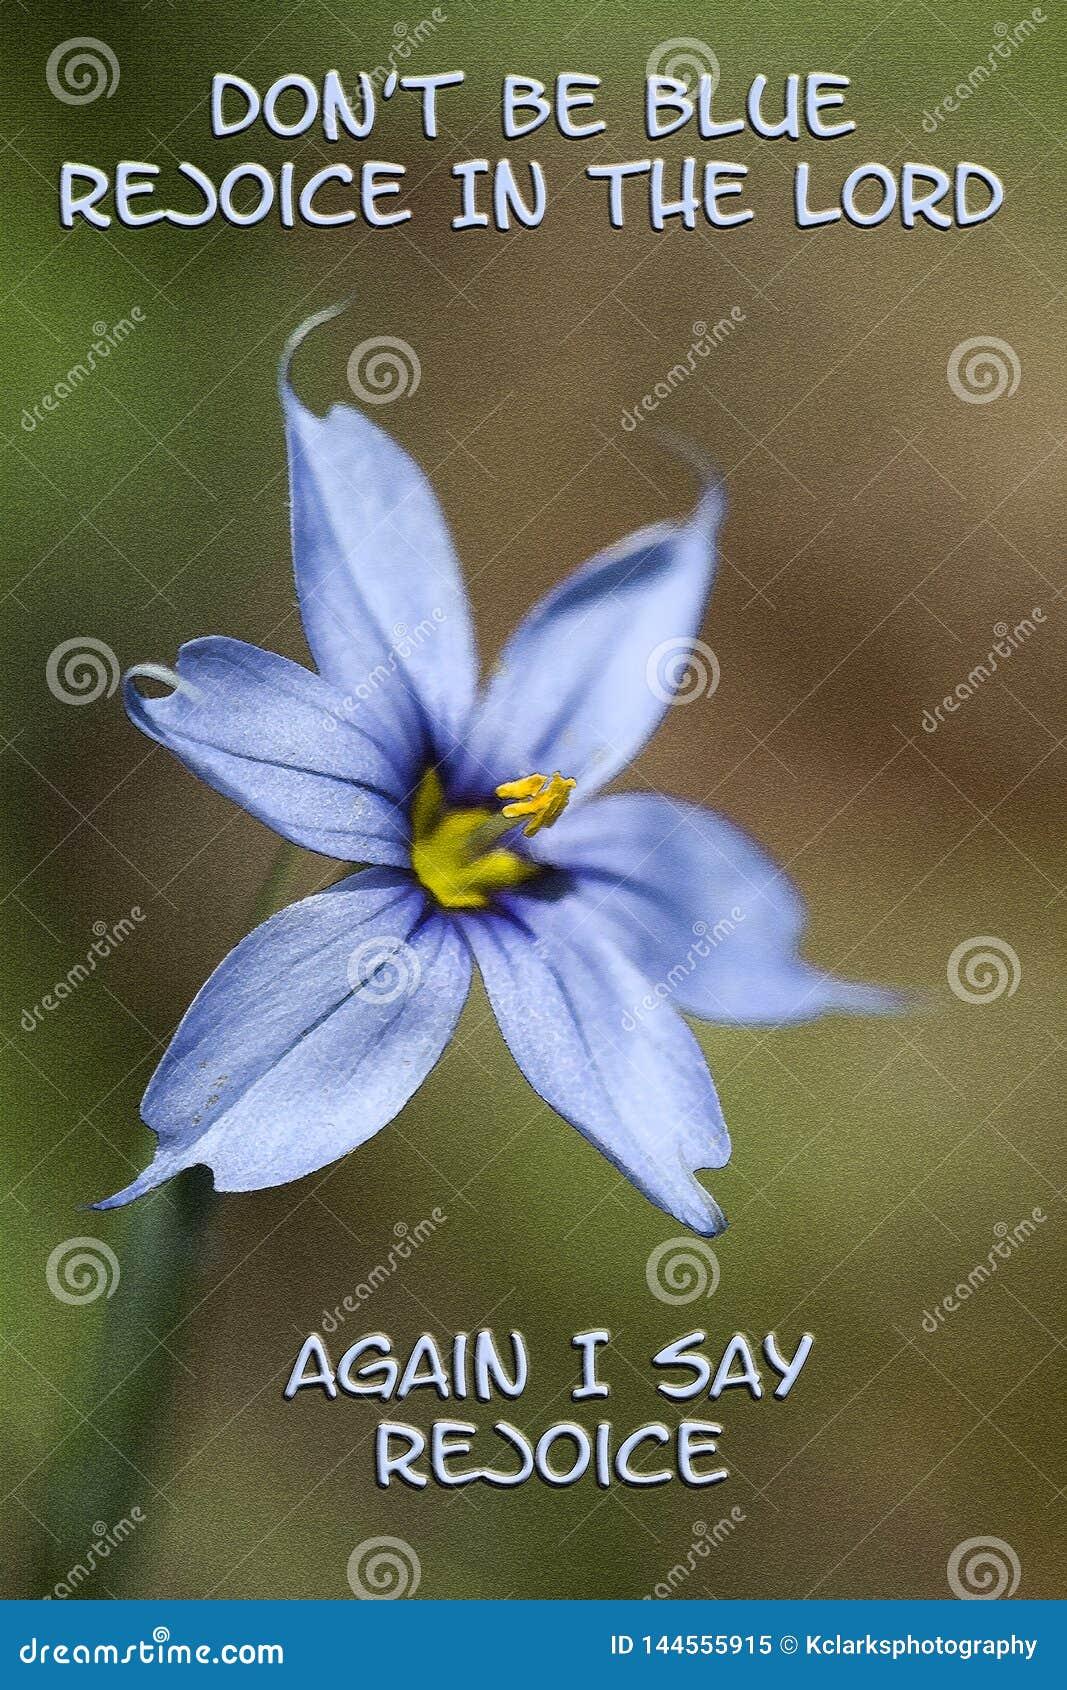 Narrowleaf är blåögt gräs inte blått jublar i Herren